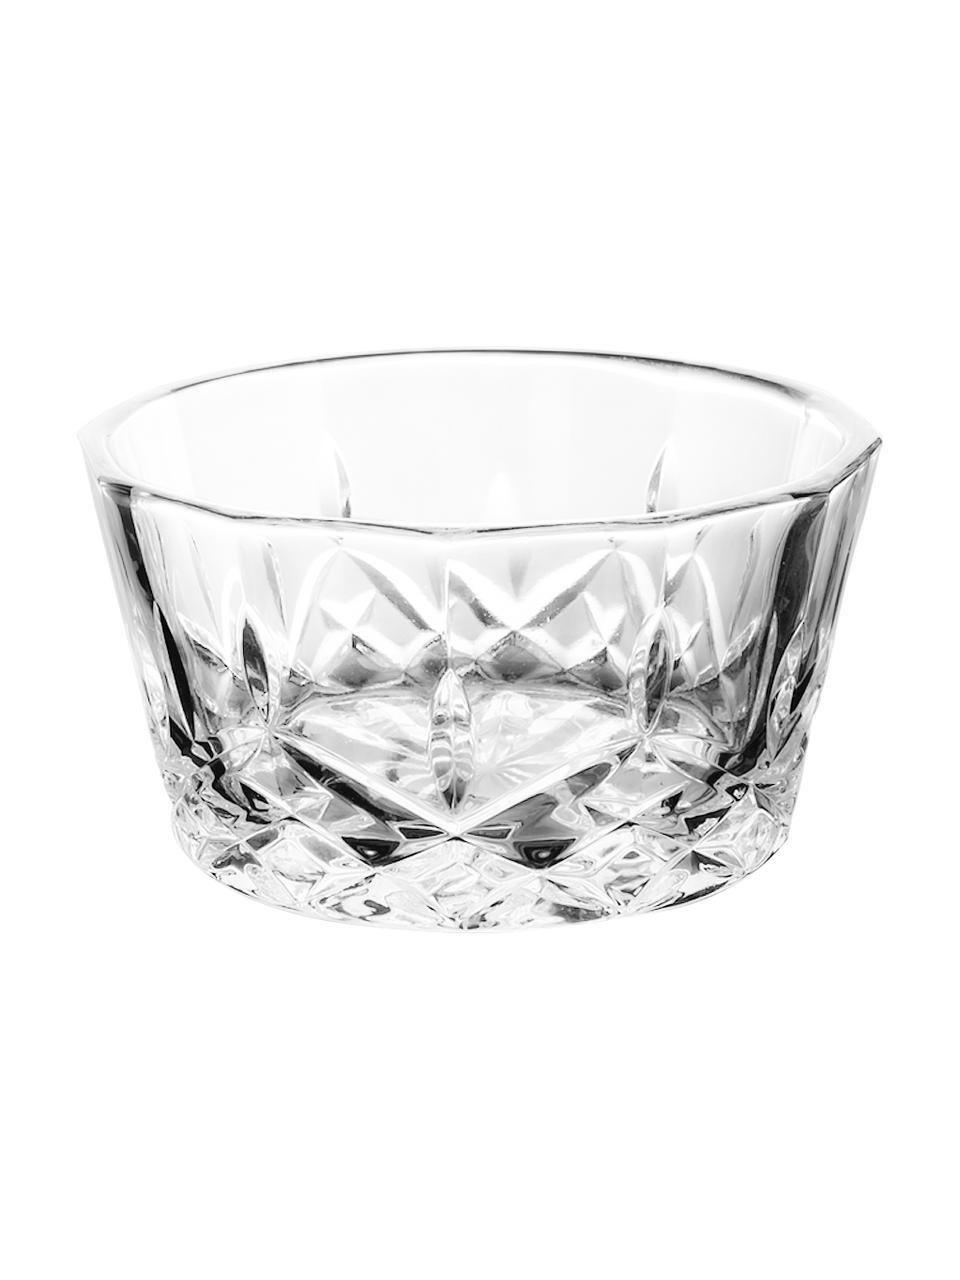 Miska do dipów ze szkła Harvey, 4 szt., Szkło, Transparentny, Ø 11 x W 6 cm